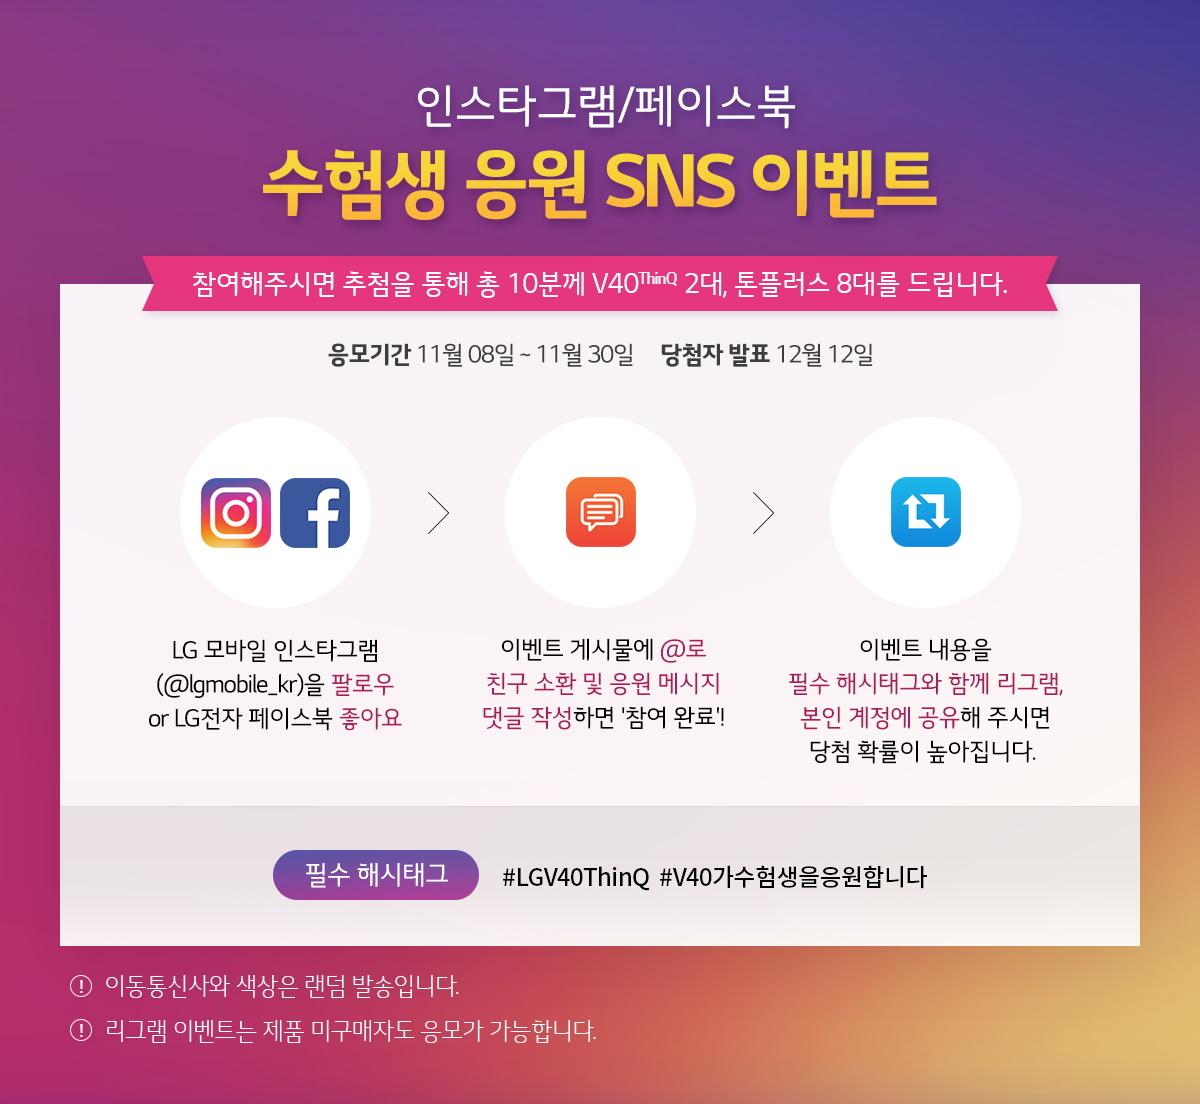 인스타그램/페이스북 수험생 응원SNS 이벤트(응모기간 11월08일~11월30일 당첨자발표 12월12일)